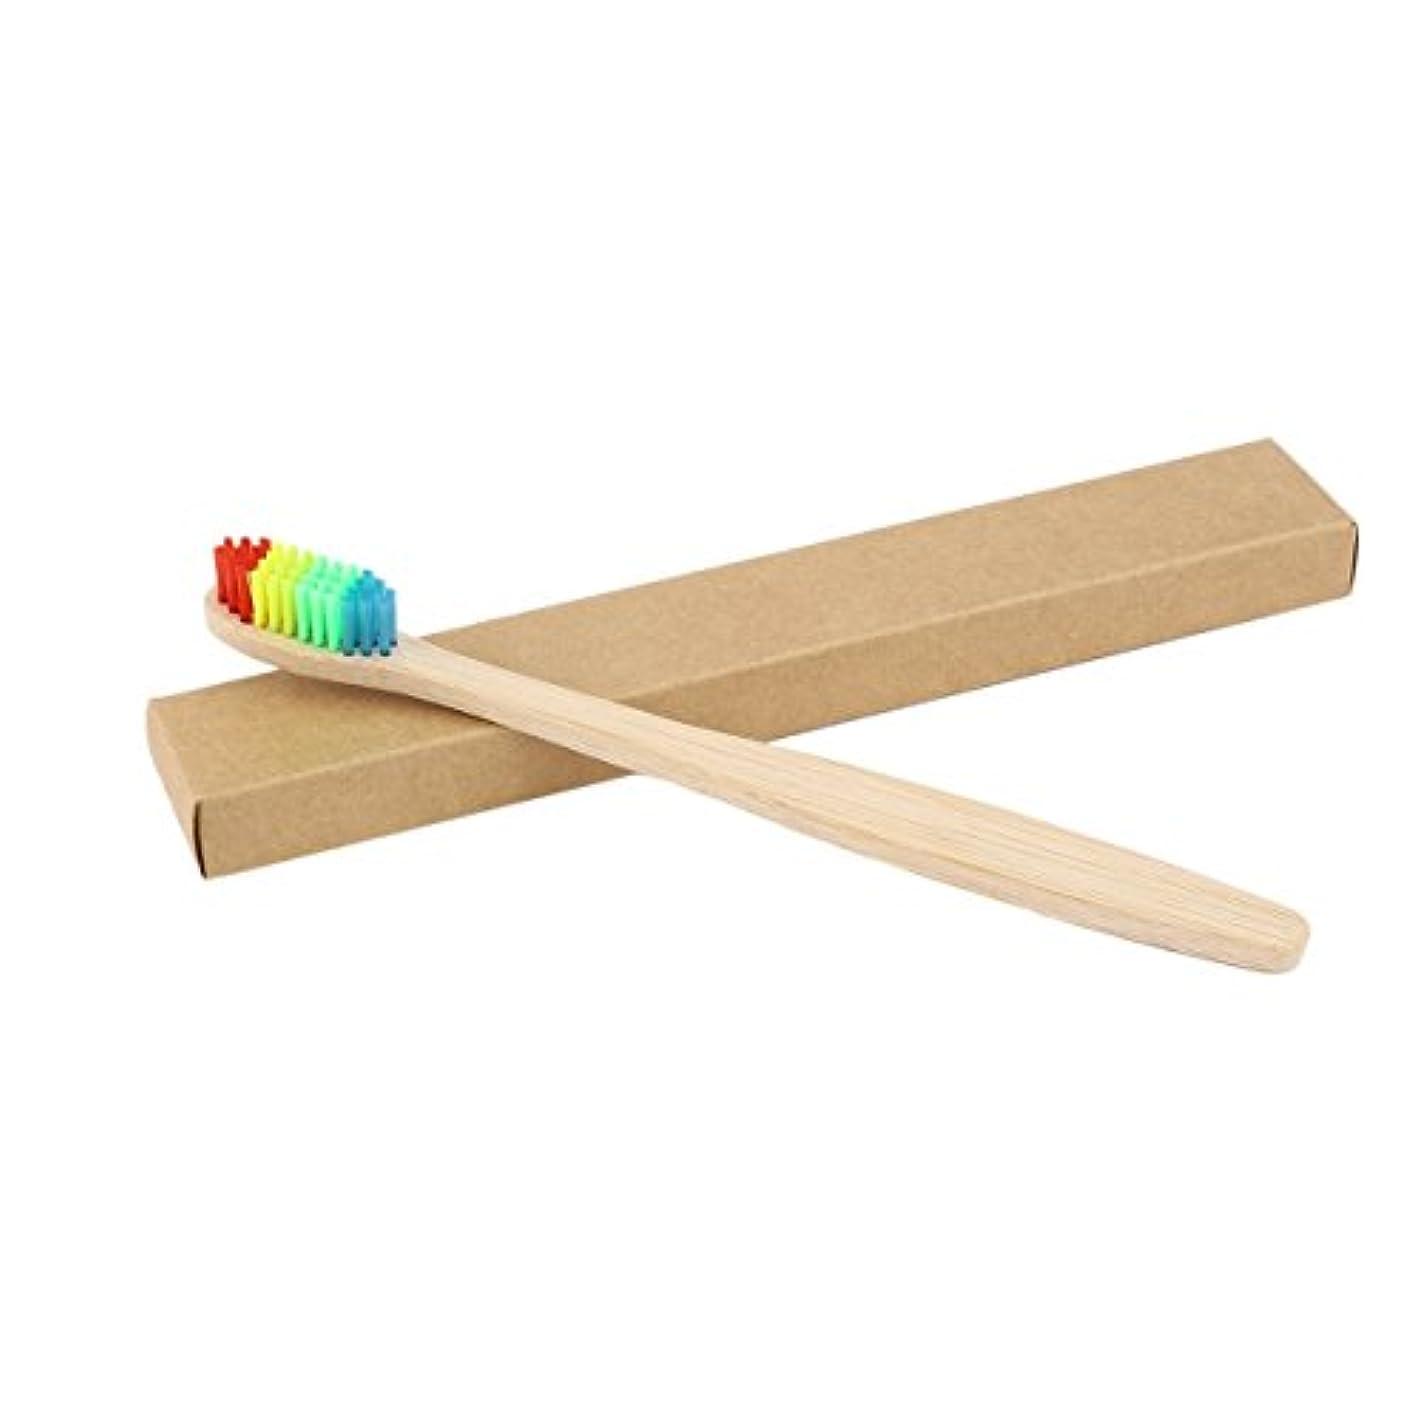 プレゼンター一見暴露するカラフルな髪+竹のハンドル歯ブラシ環境木製の虹竹の歯ブラシオーラルケアソフト剛毛ユニセックス - ウッドカラー+カラフル